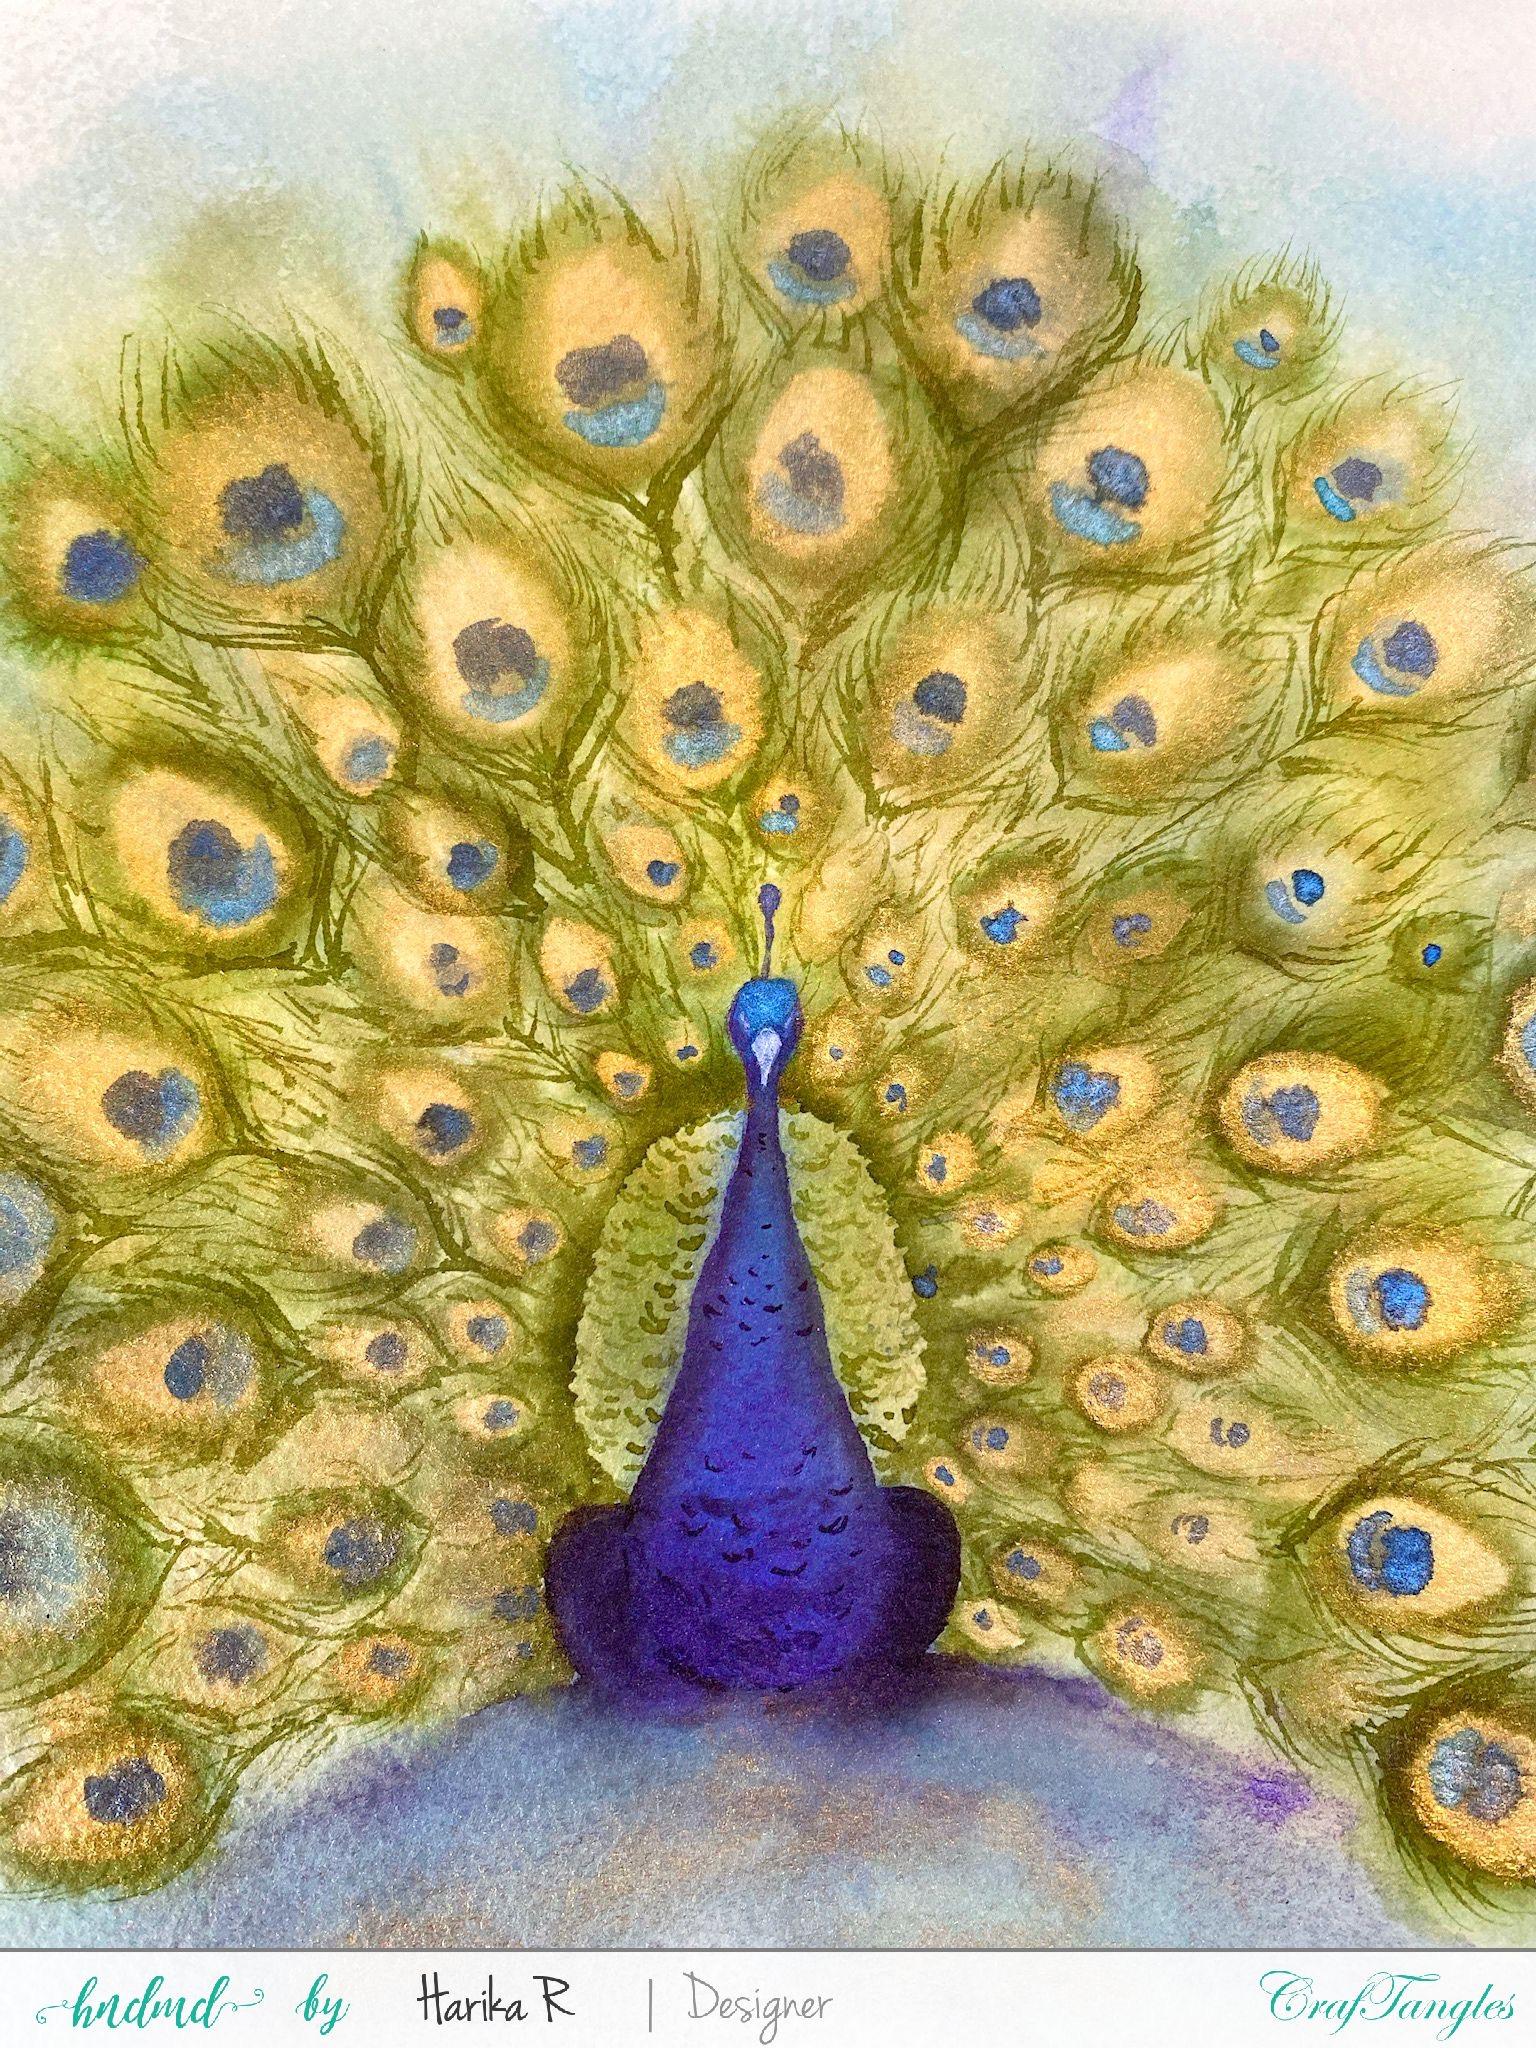 Beautiful Peacock Painting Tutorial using Liquid Watercolors 5